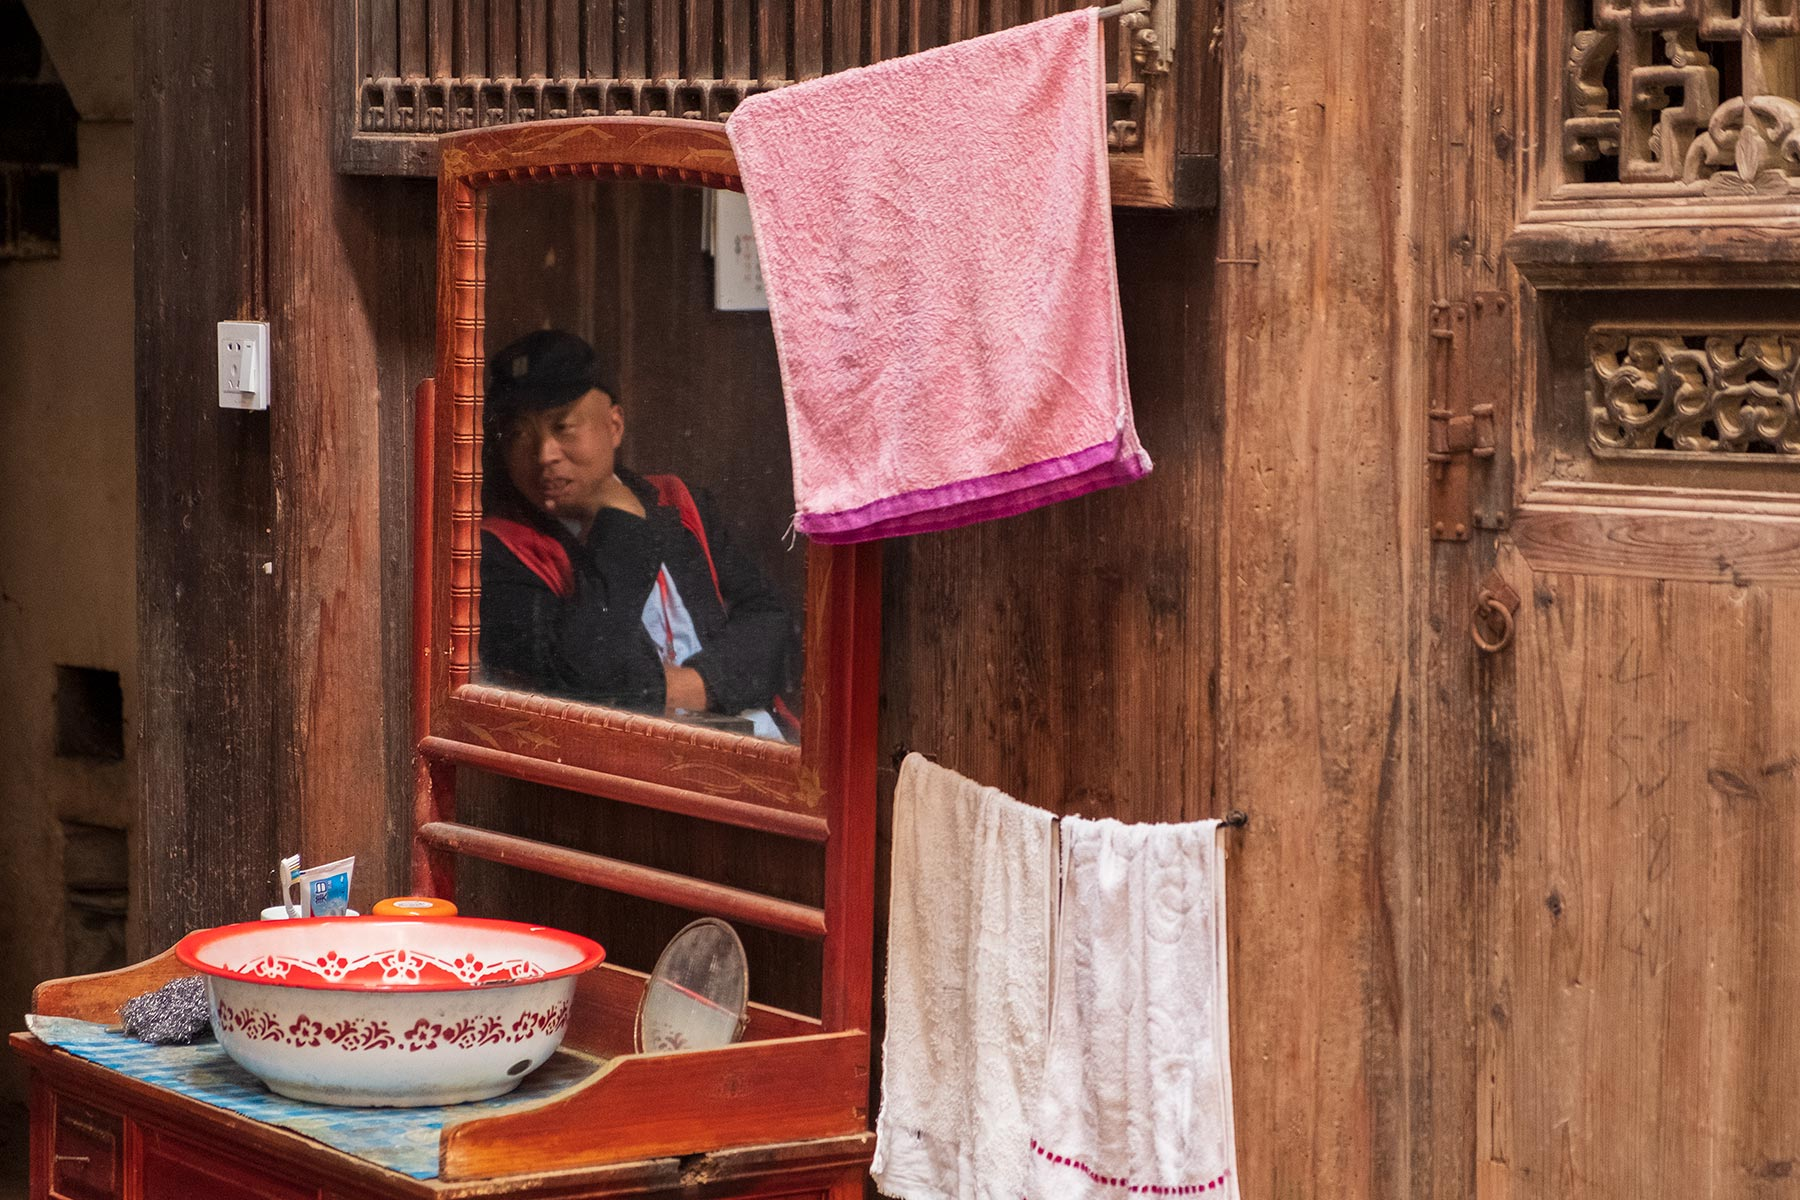 Mann im Spiegel in der Altstadt Nanping in Anhui, China